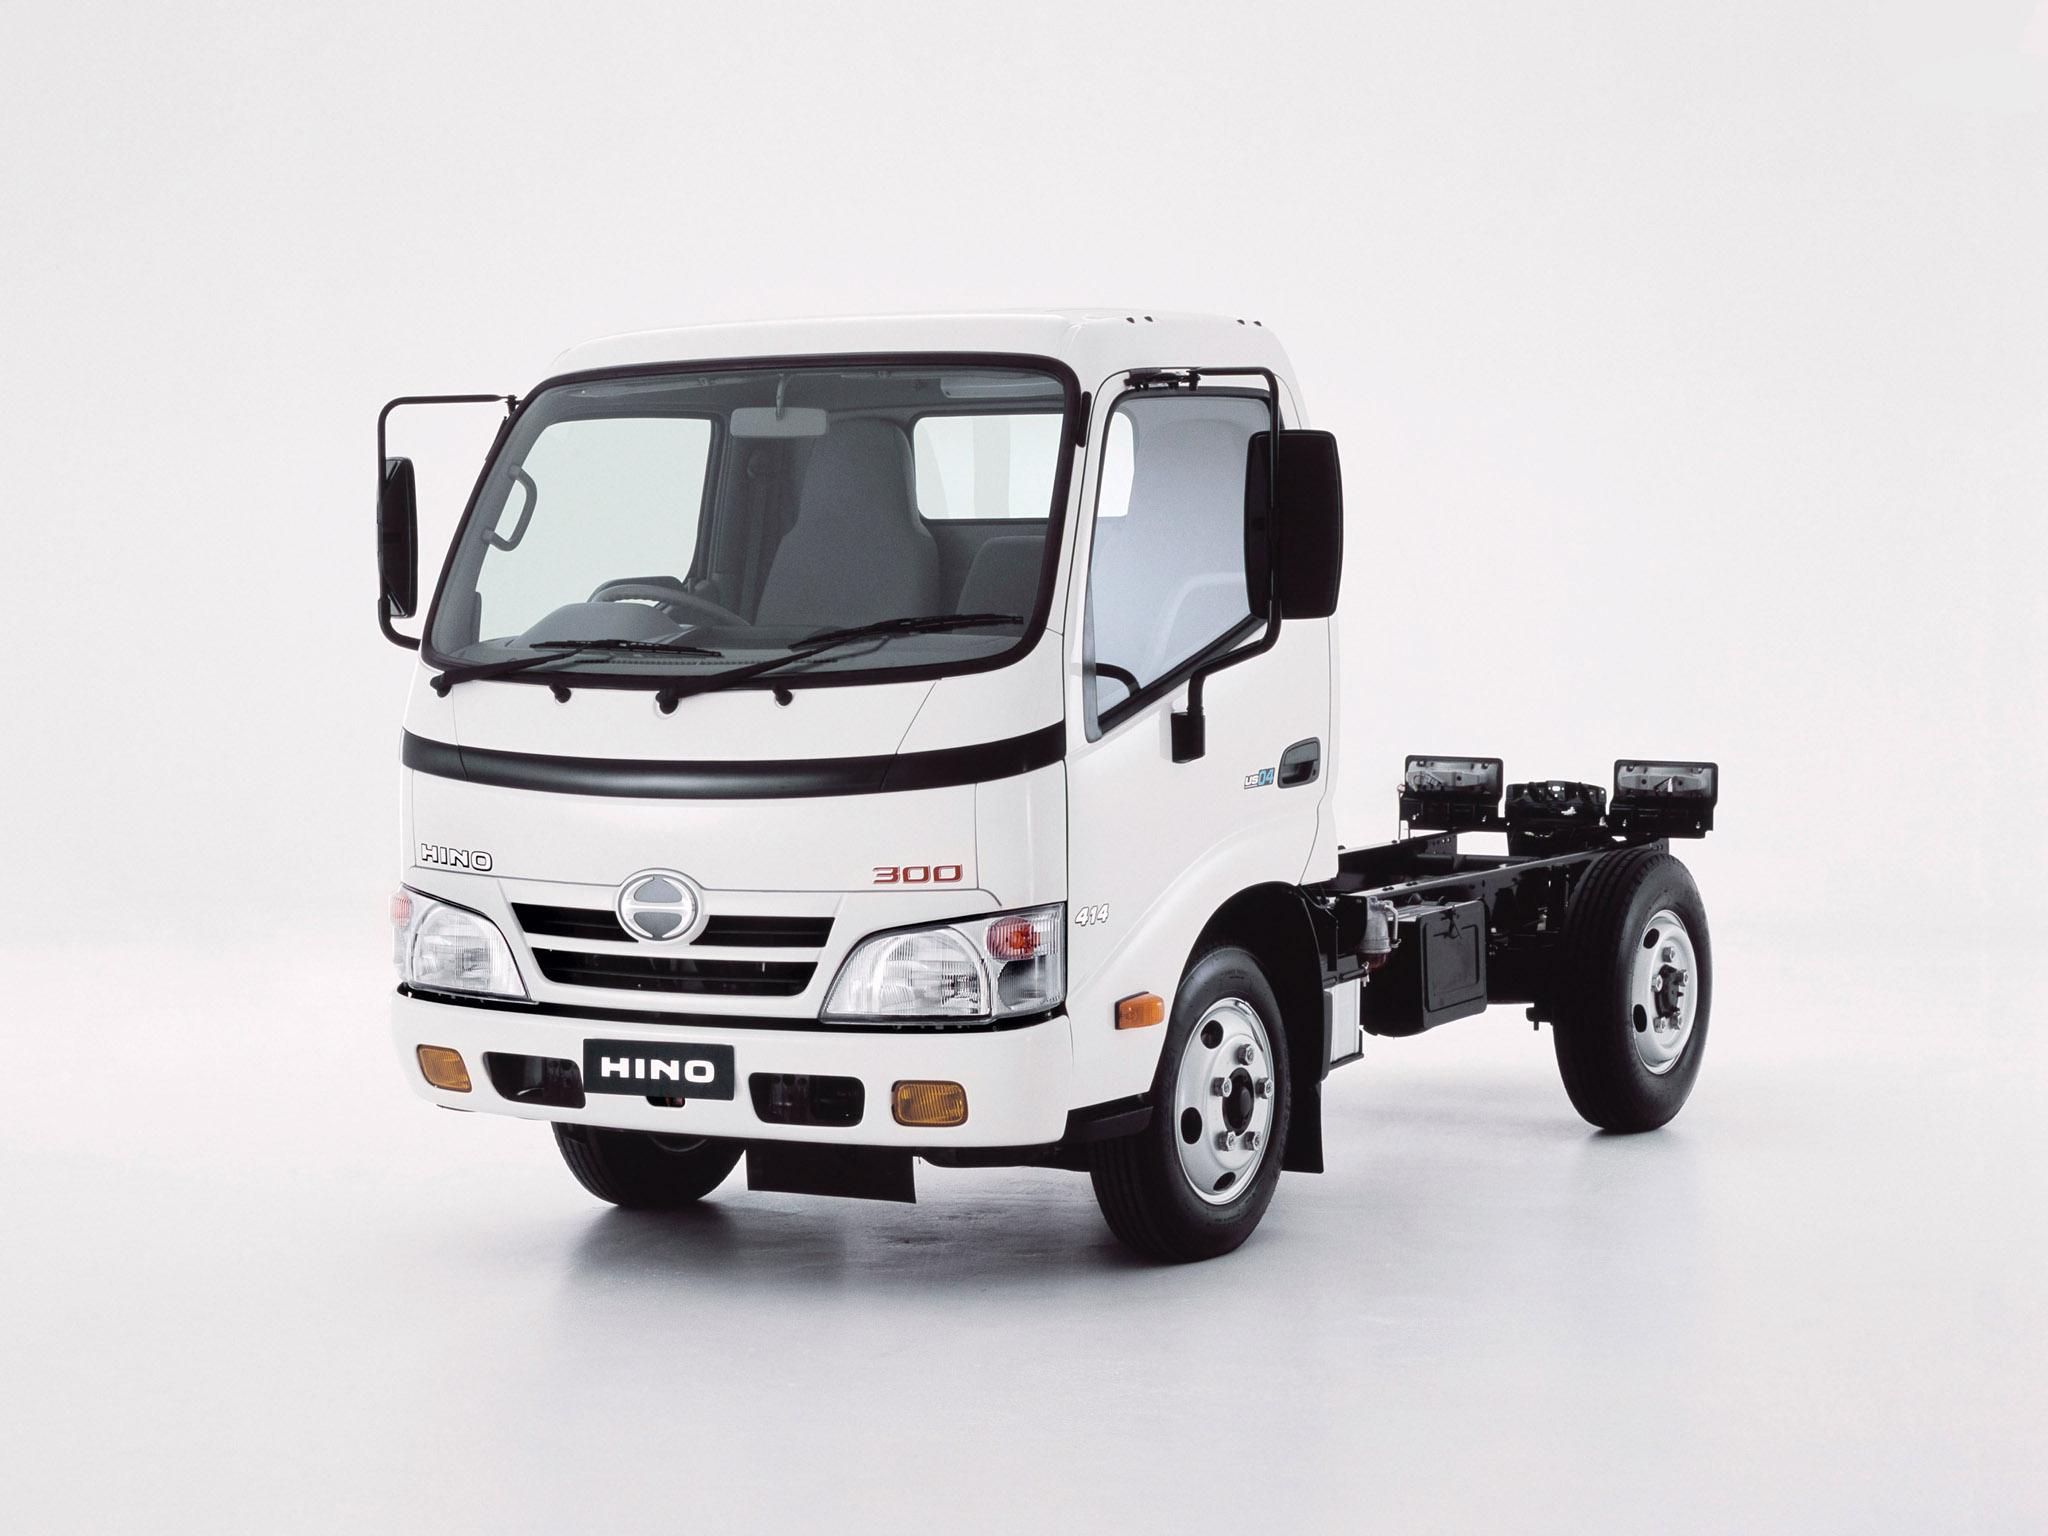 2007 Hino 300 series - 414